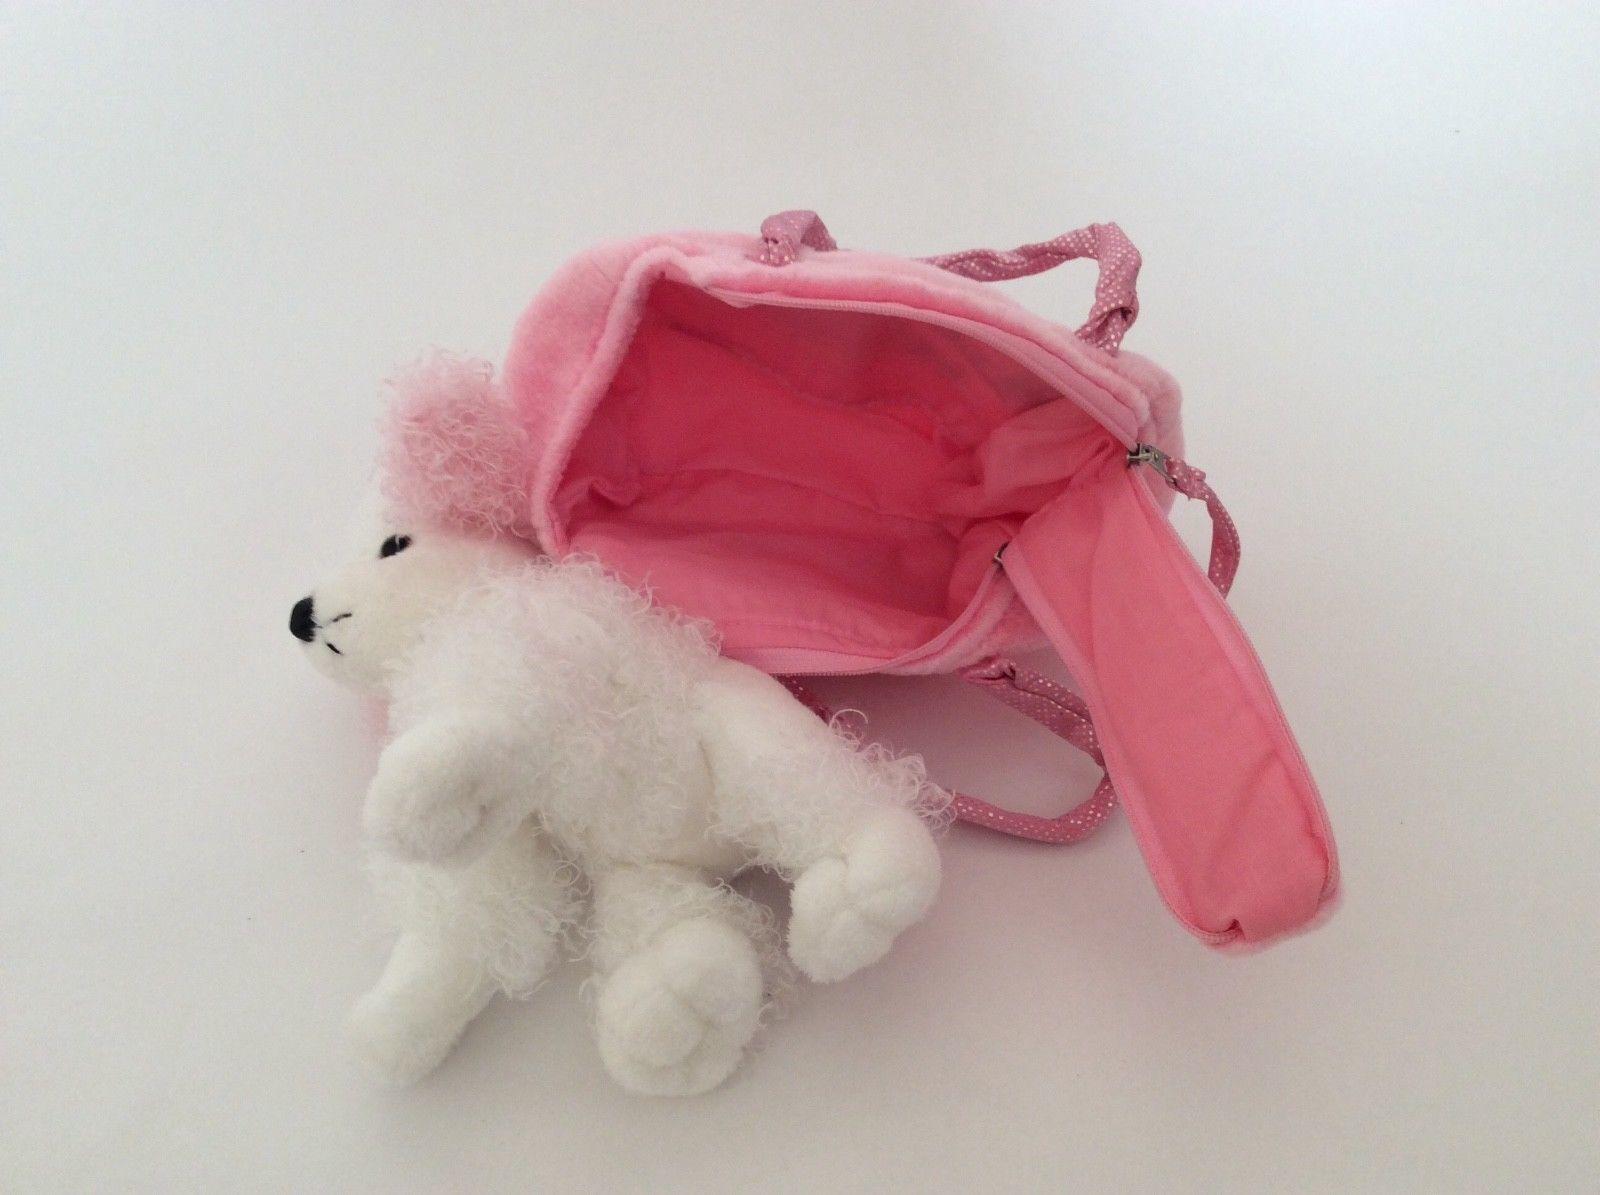 c907f9841a2 AURORA Fancy Pal pink Precious Princess PET CARRIER & POODLE PUPPY DOG plush